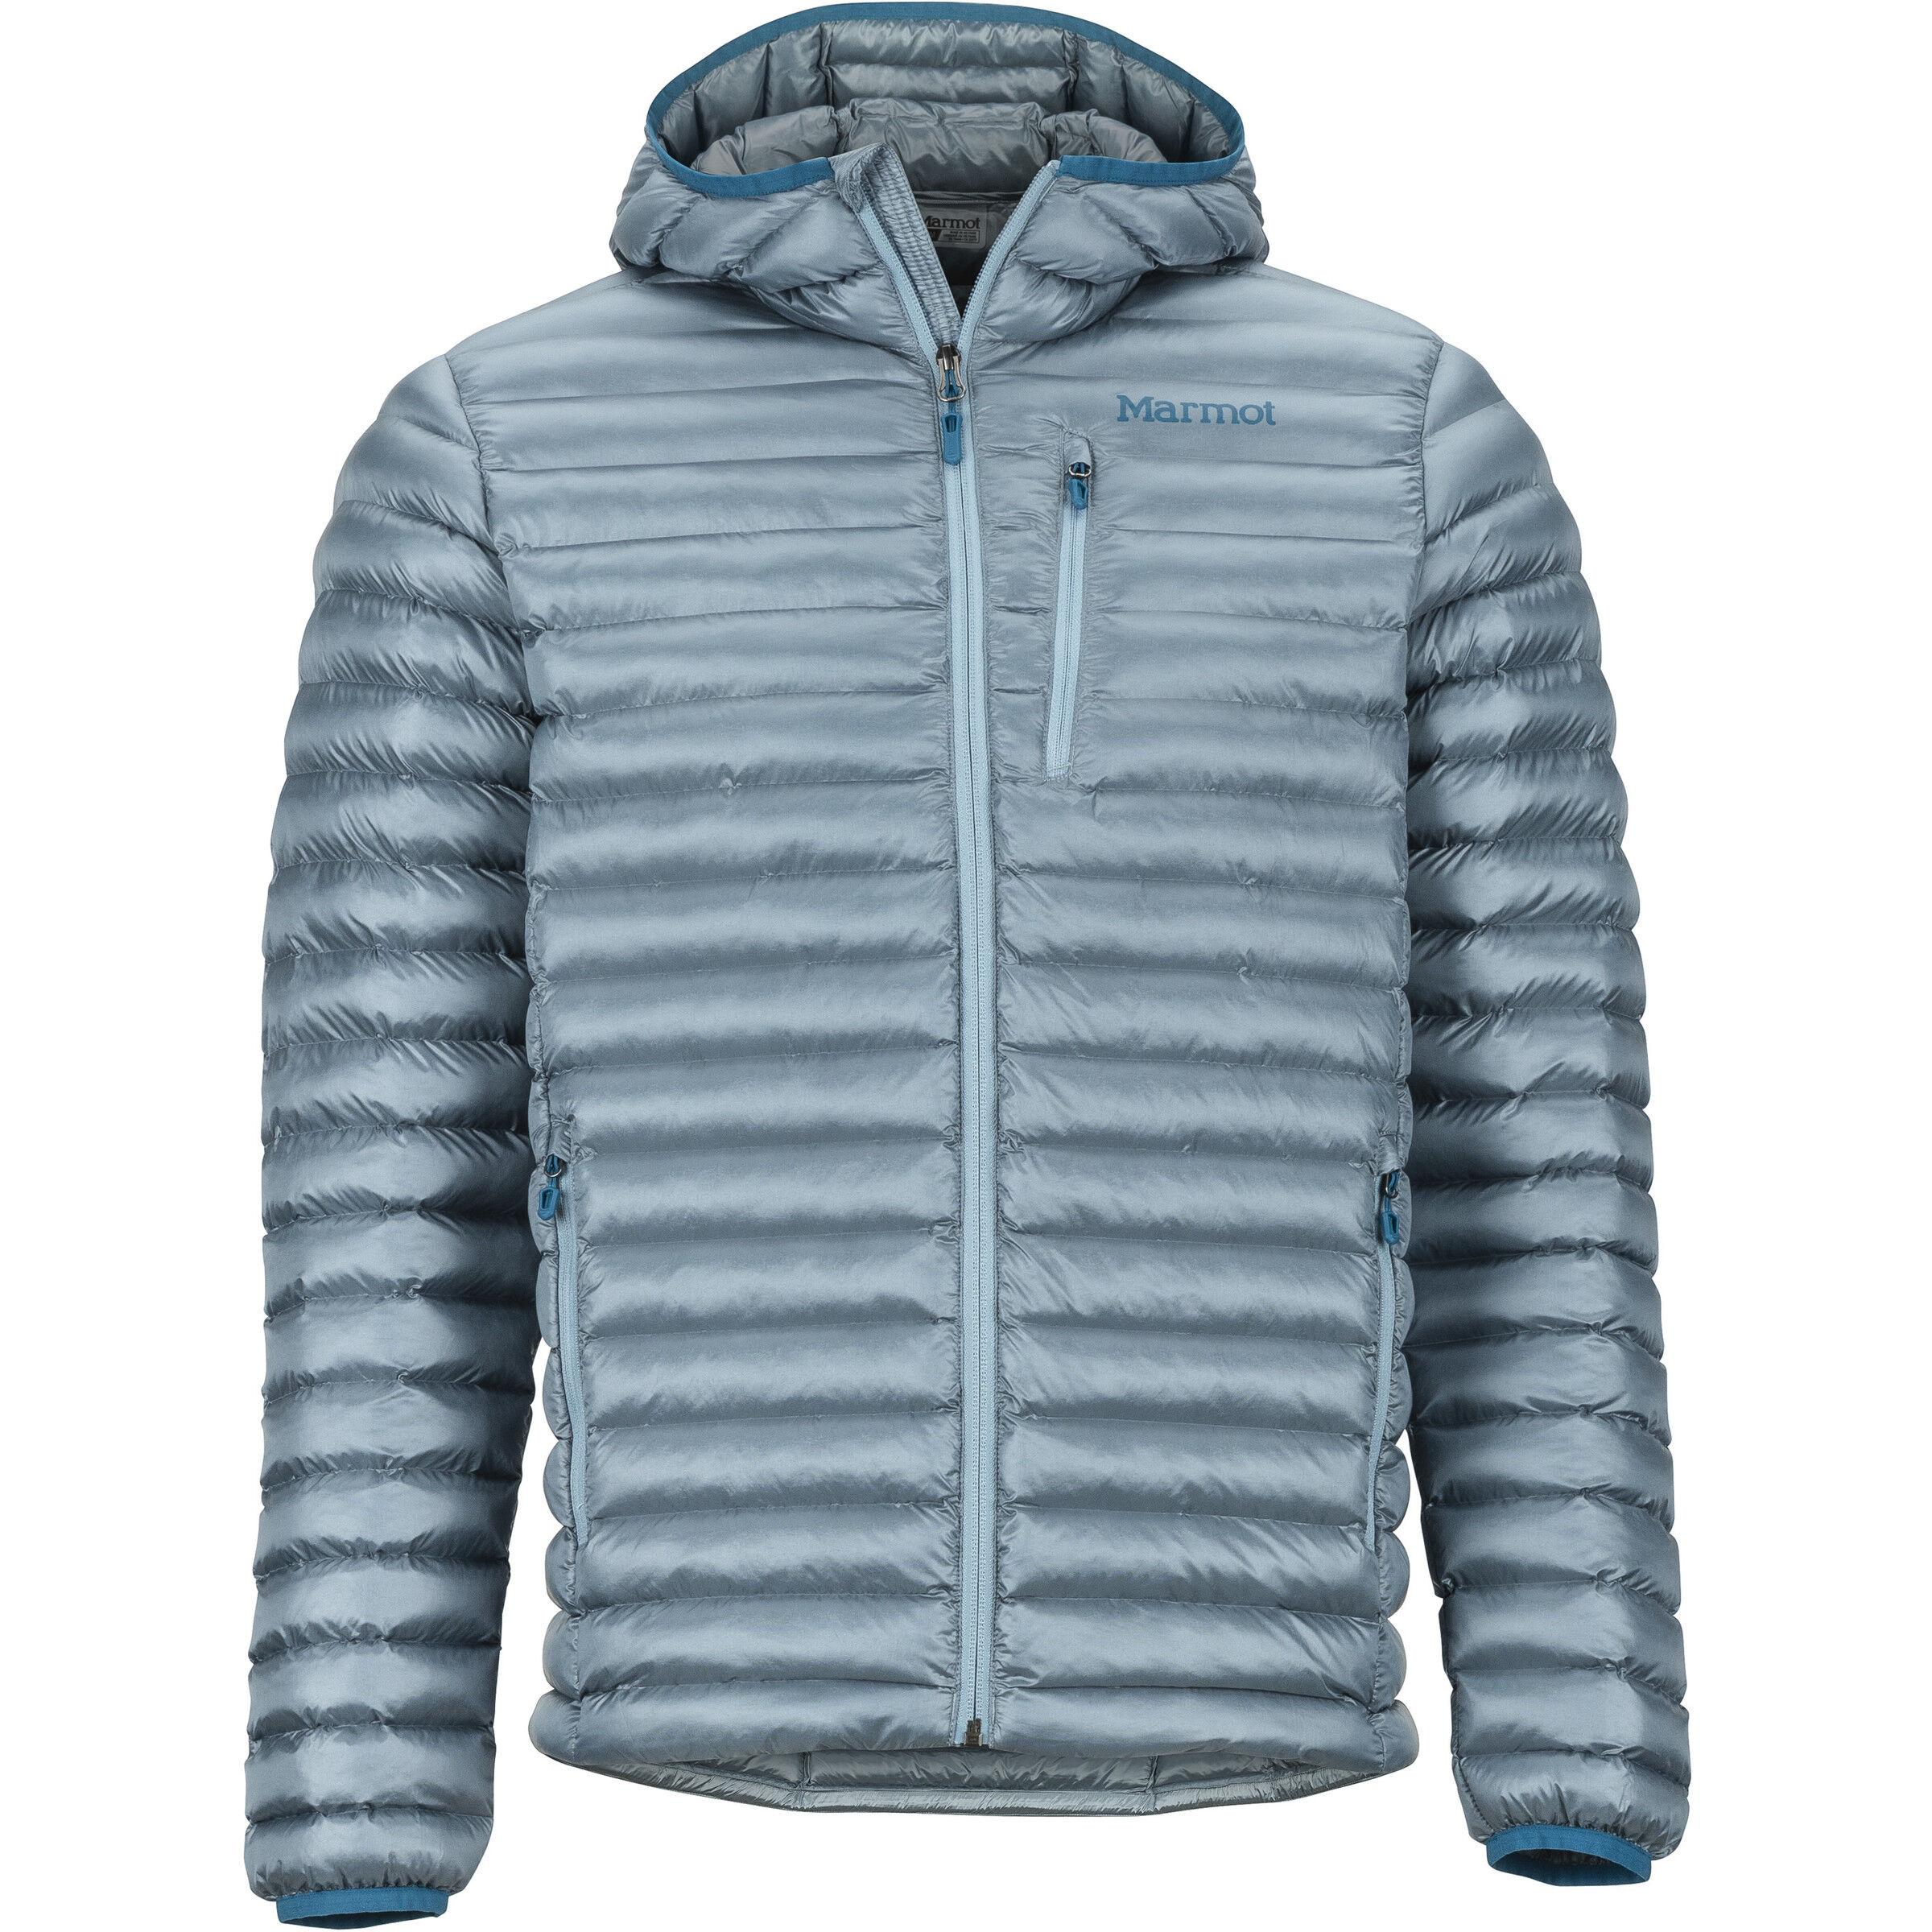 Marmot Daunenjacke & Winterjacke günstig online kaufen